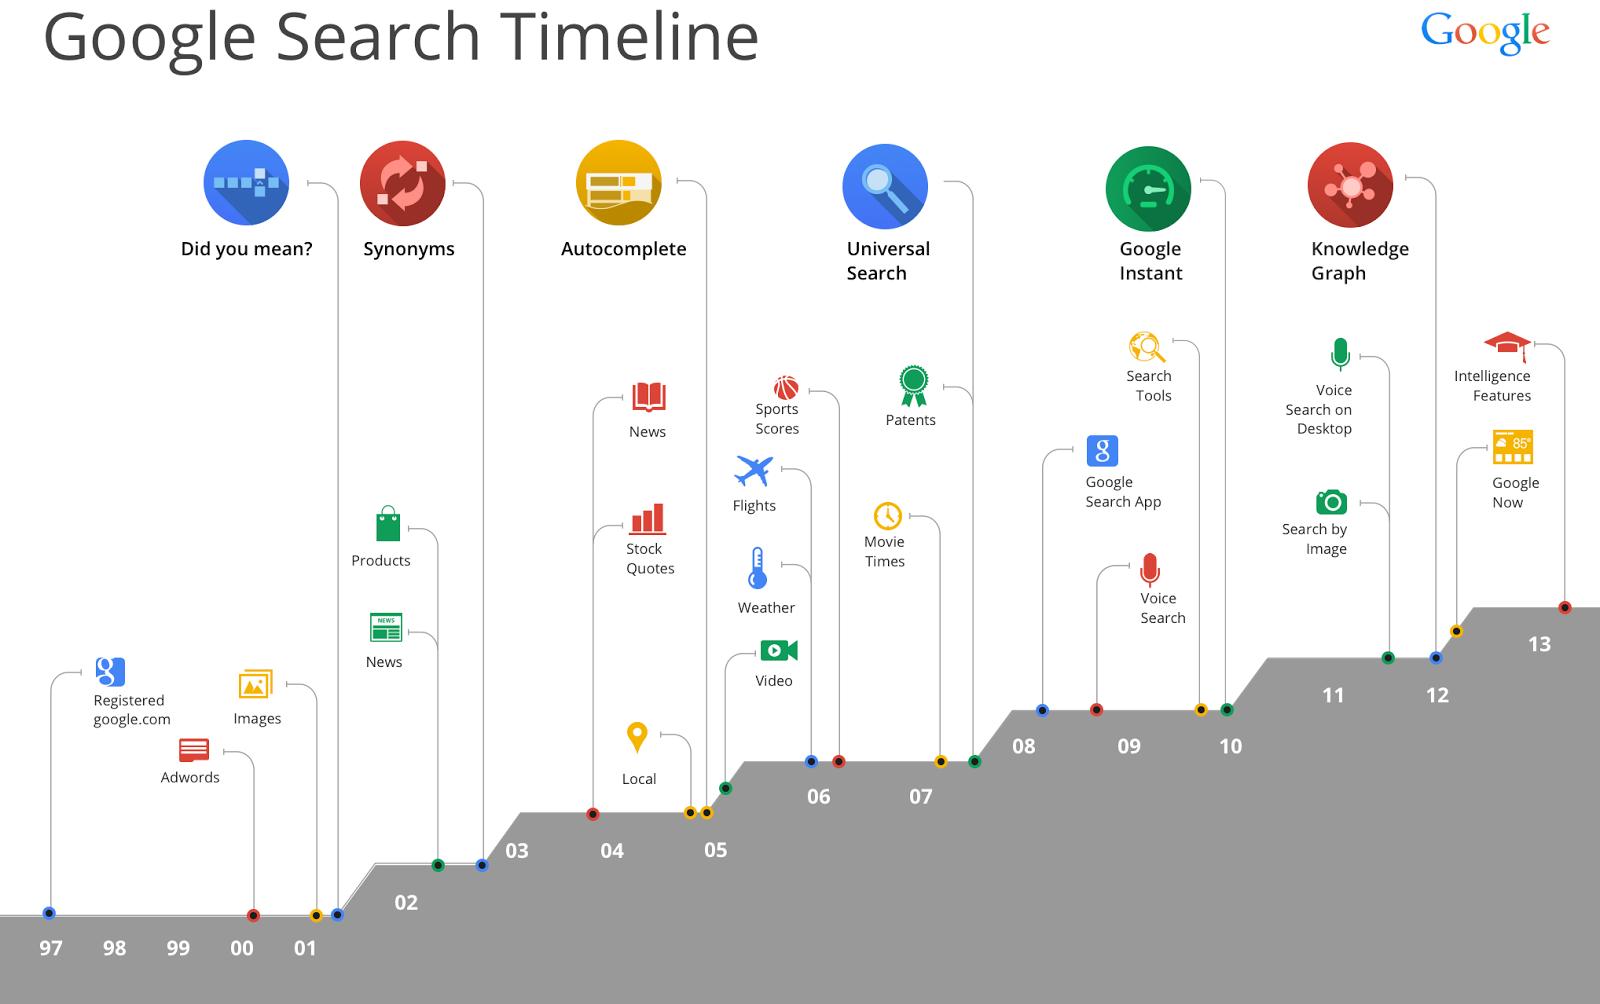 Geschichte der Google-Suche